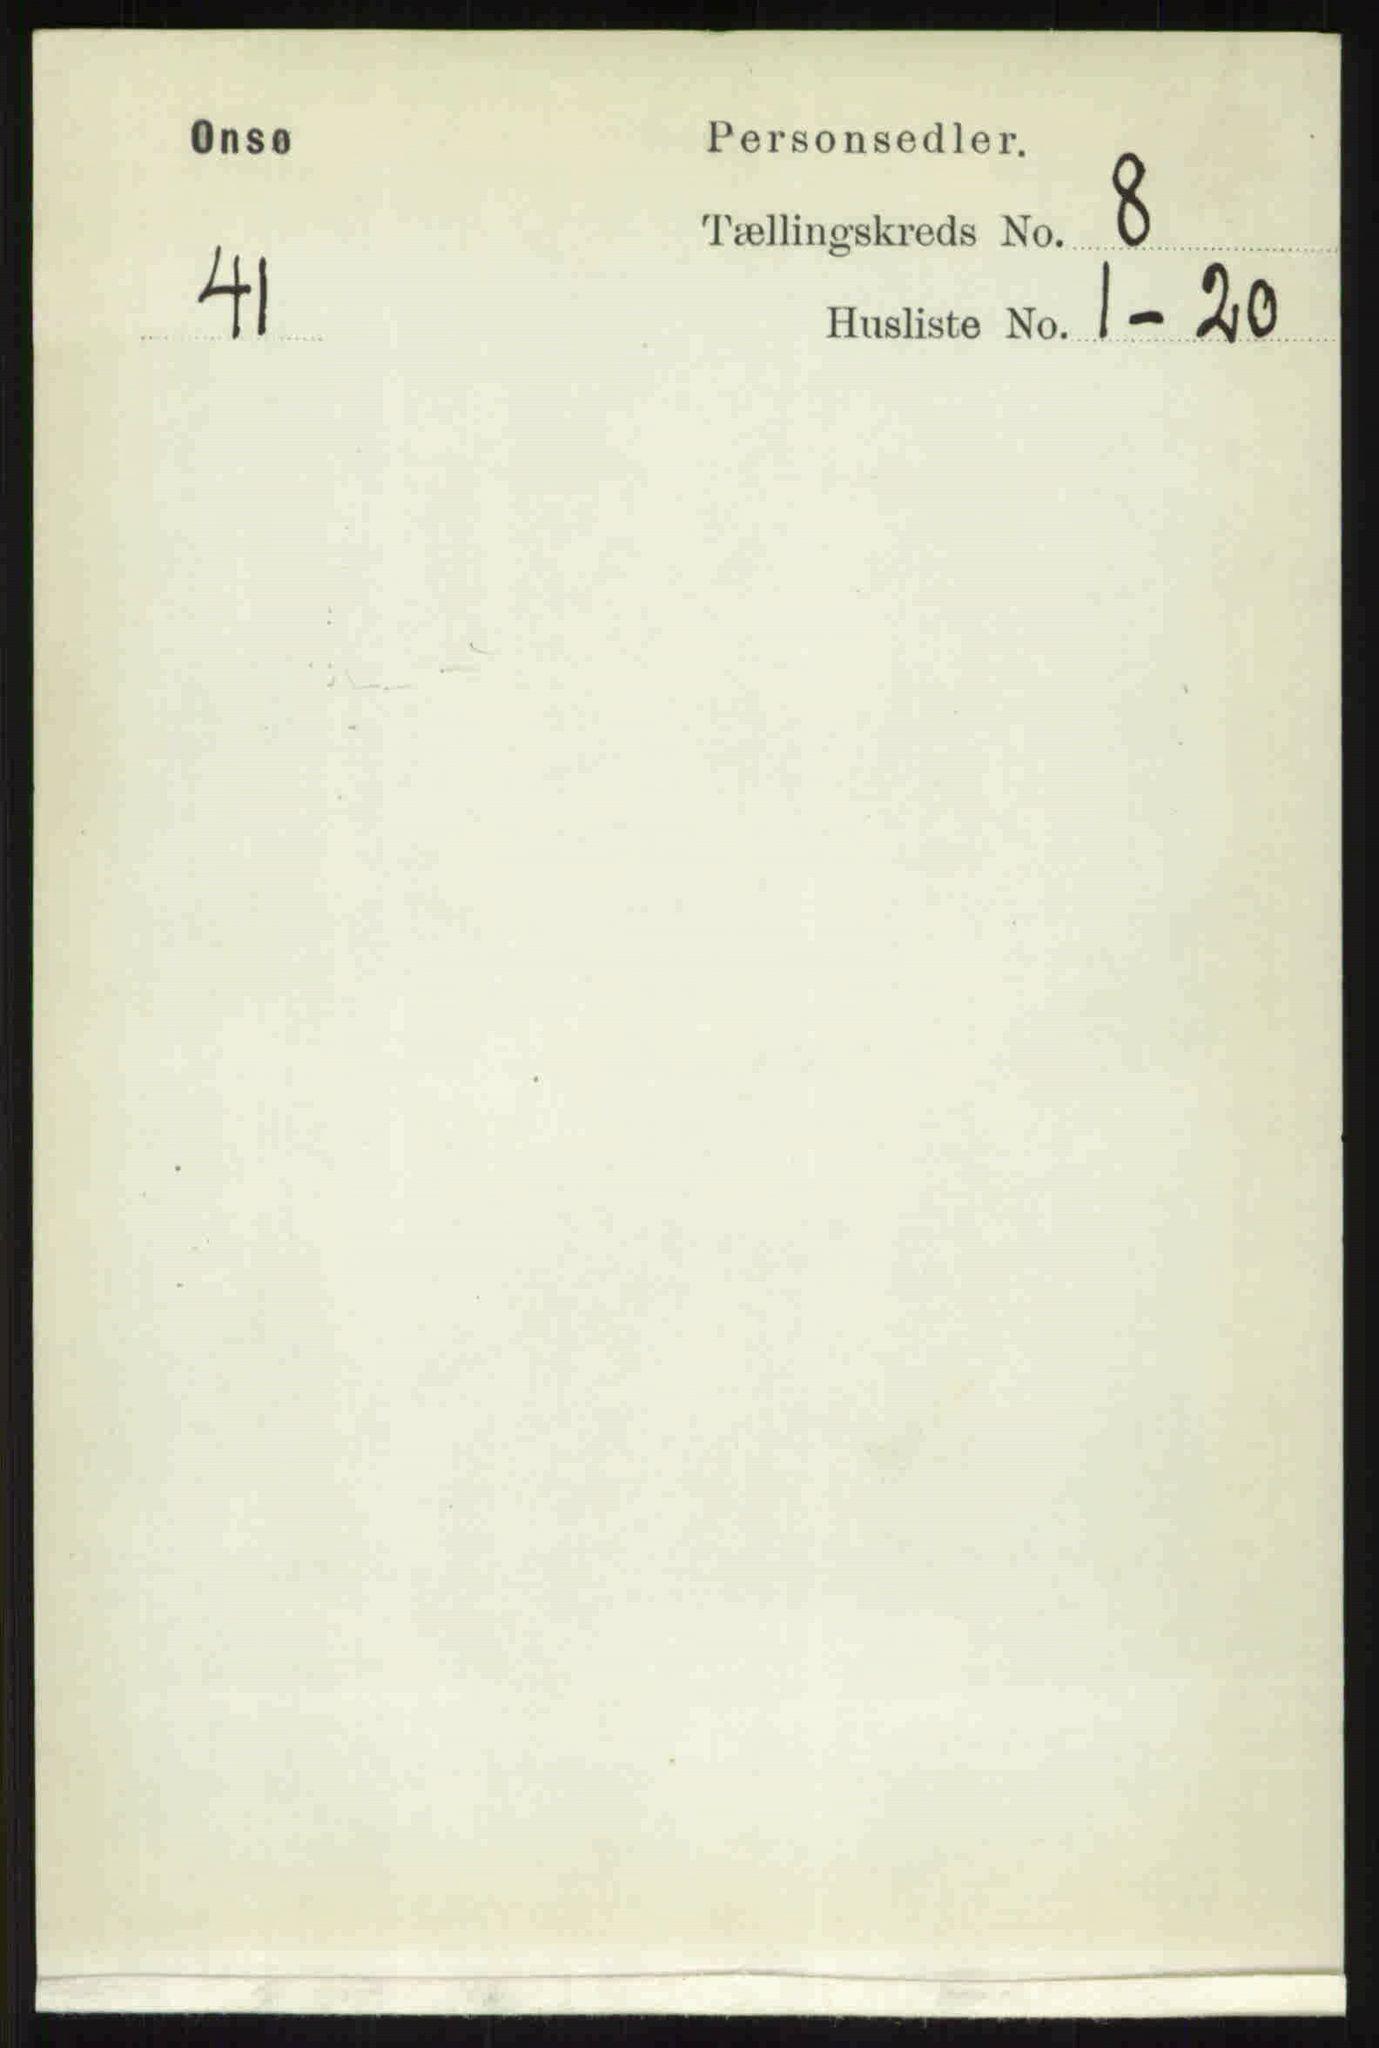 RA, Folketelling 1891 for 0134 Onsøy herred, 1891, s. 7506